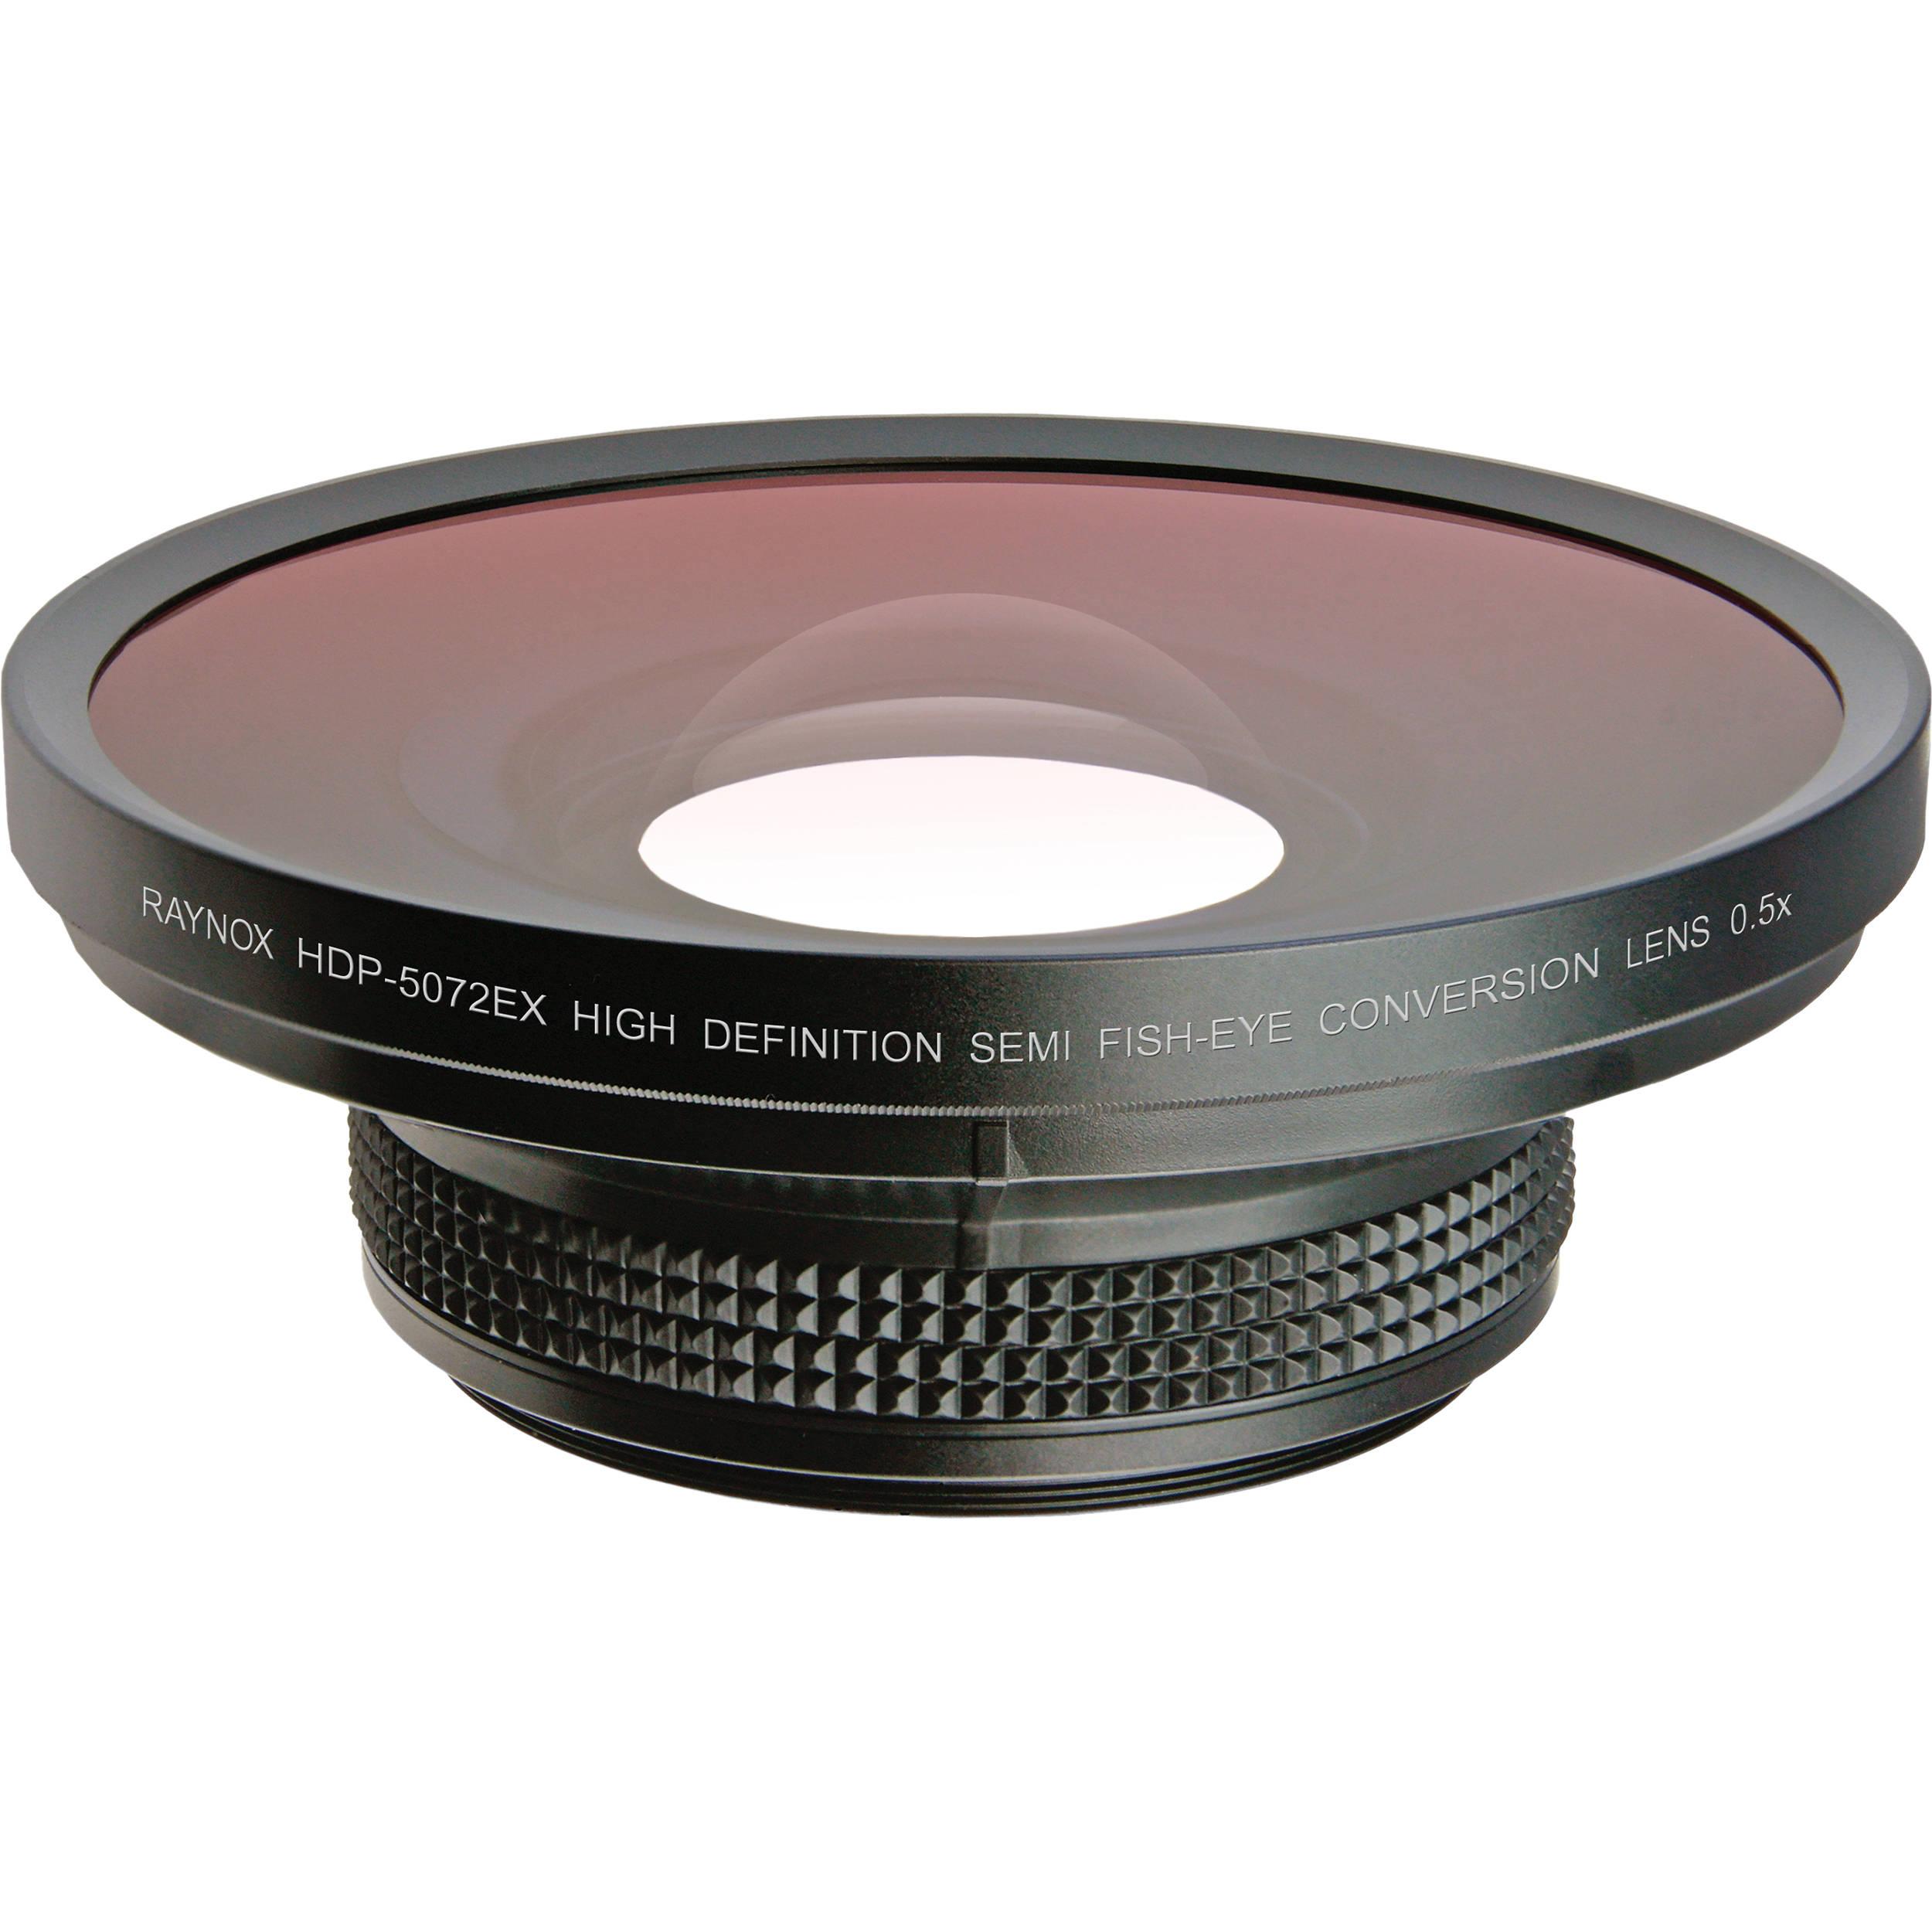 Https C Product 671581 Reg Olympus Mzuiko Digital Ed 40 150mm F 28 Pro Mc 14 14x Teleconverter Raynox Hdp 5072ex Hd Semi Fisheye Conversion 724814